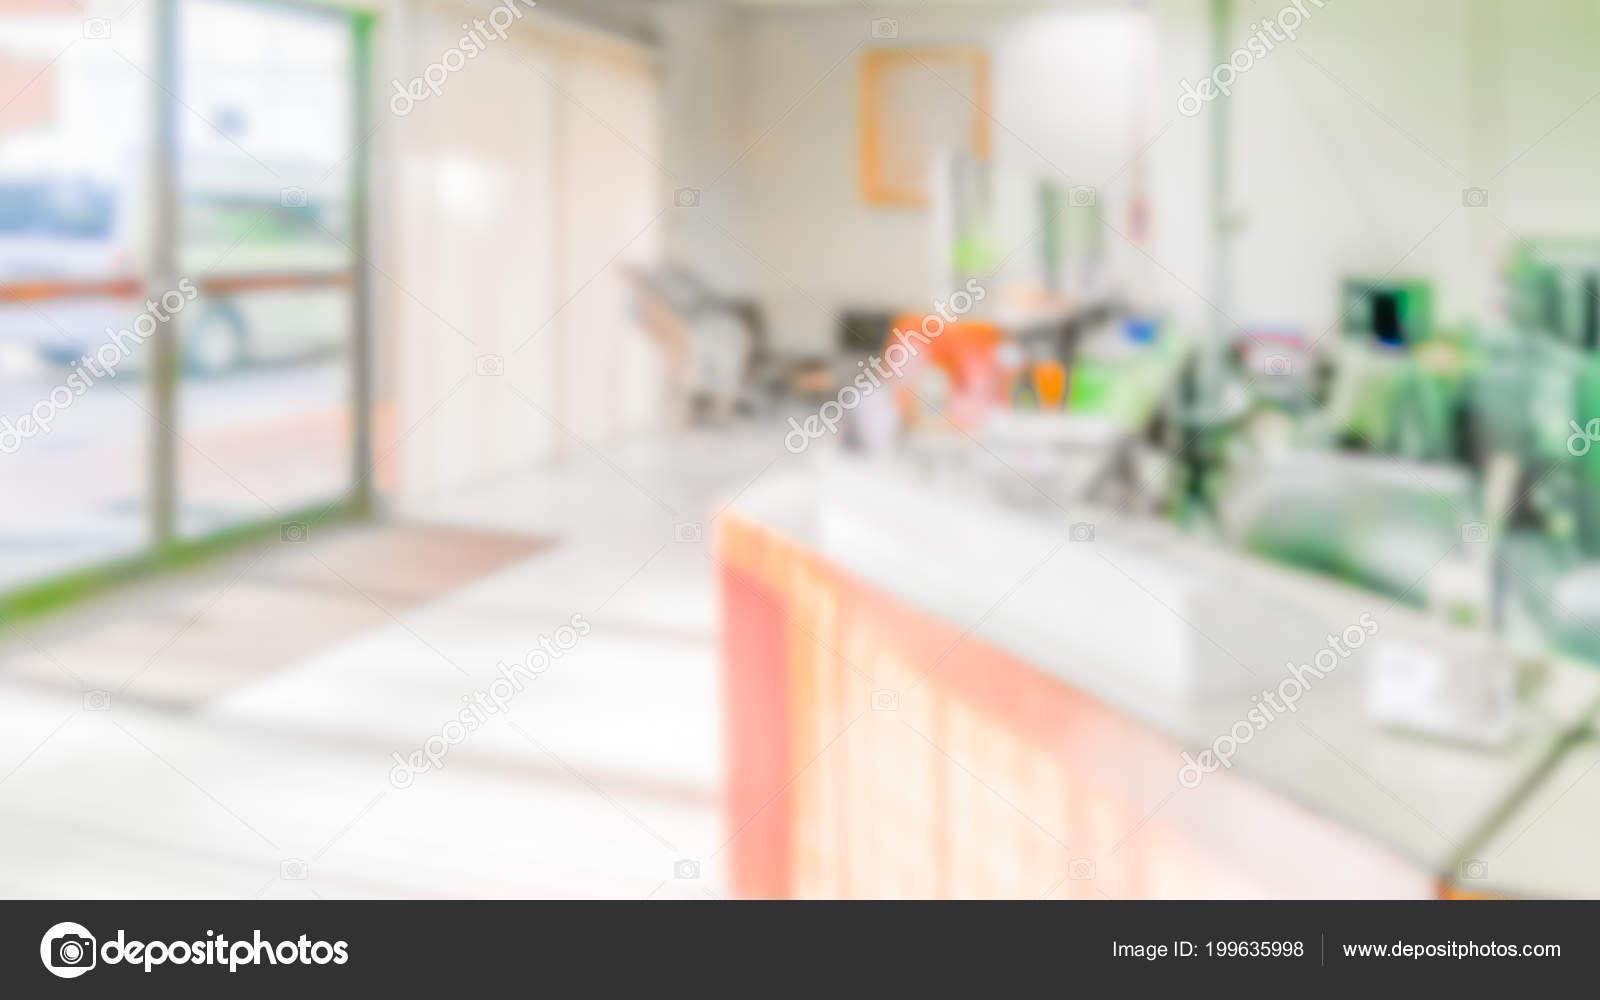 Sfondi Gratis Ufficio Offuscata Bright Ambiente Pulito Ufficio